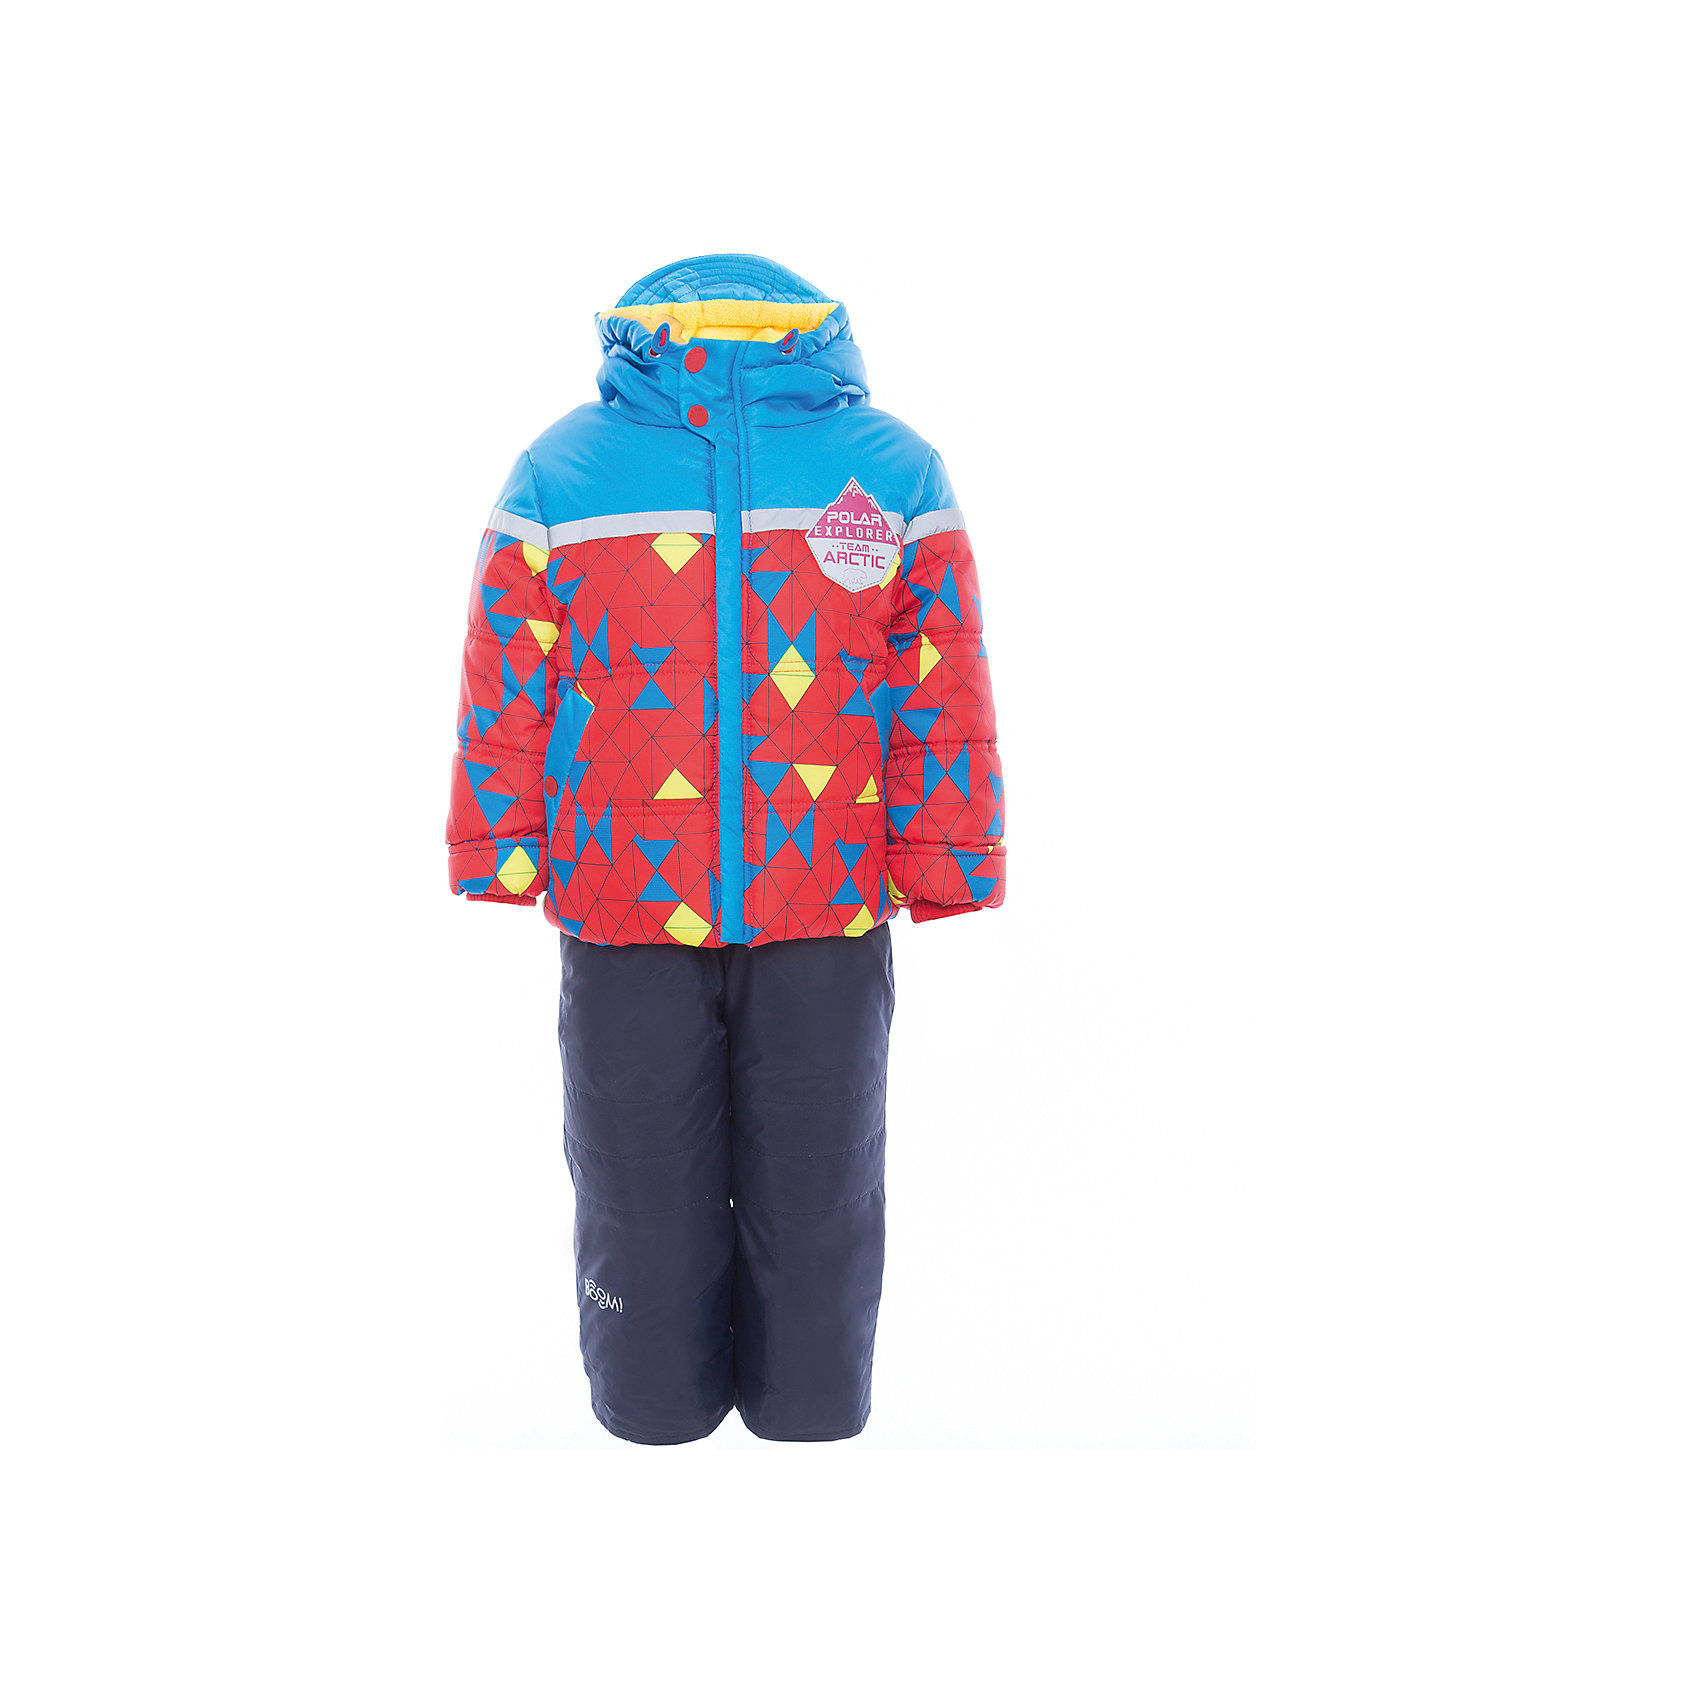 Комплект: куртка и брюки для мальчика BOOM by OrbyХарактеристики изделия:<br><br>- комплектация: куртка, полукомбинезон;<br>- материа л верха: 100% полиэстер;;<br>- подкладка: ПЭ, флис;<br>- утеплитель: эко-синтепон 400 г/м2, 200 г/м2; <br>- фурнитура: металл, пластик;<br>- застежка: молния;<br>- капюшон;<br>- внутренний ветрозащитный клапан;<br>- принт на куртке;<br>- температурный режим до -30°С<br><br><br>В холодный сезон важно одеть ребенка комфортно и тепло. Этот стильный и теплый комплект позволит мальчику наслаждаться зимним отдыхом, не боясь замерзнуть, и выглядеть при этом очень симпатично.<br>Теплая куртка плотно сидит благодаря манжетам и надежным застежкам. Она смотрится очень эффектно благодаря стильному принту. Полукомбинезон дополнен регулируемыми лямками, карманами и манжетами.<br><br>Комплект: курта и брюки для мальчика от бренда BOOM by Orby можно купить в нашем магазине.<br><br>Ширина мм: 215<br>Глубина мм: 88<br>Высота мм: 191<br>Вес г: 336<br>Цвет: синий<br>Возраст от месяцев: 12<br>Возраст до месяцев: 18<br>Пол: Мужской<br>Возраст: Детский<br>Размер: 86,92,116,98,122,104,110<br>SKU: 4982746